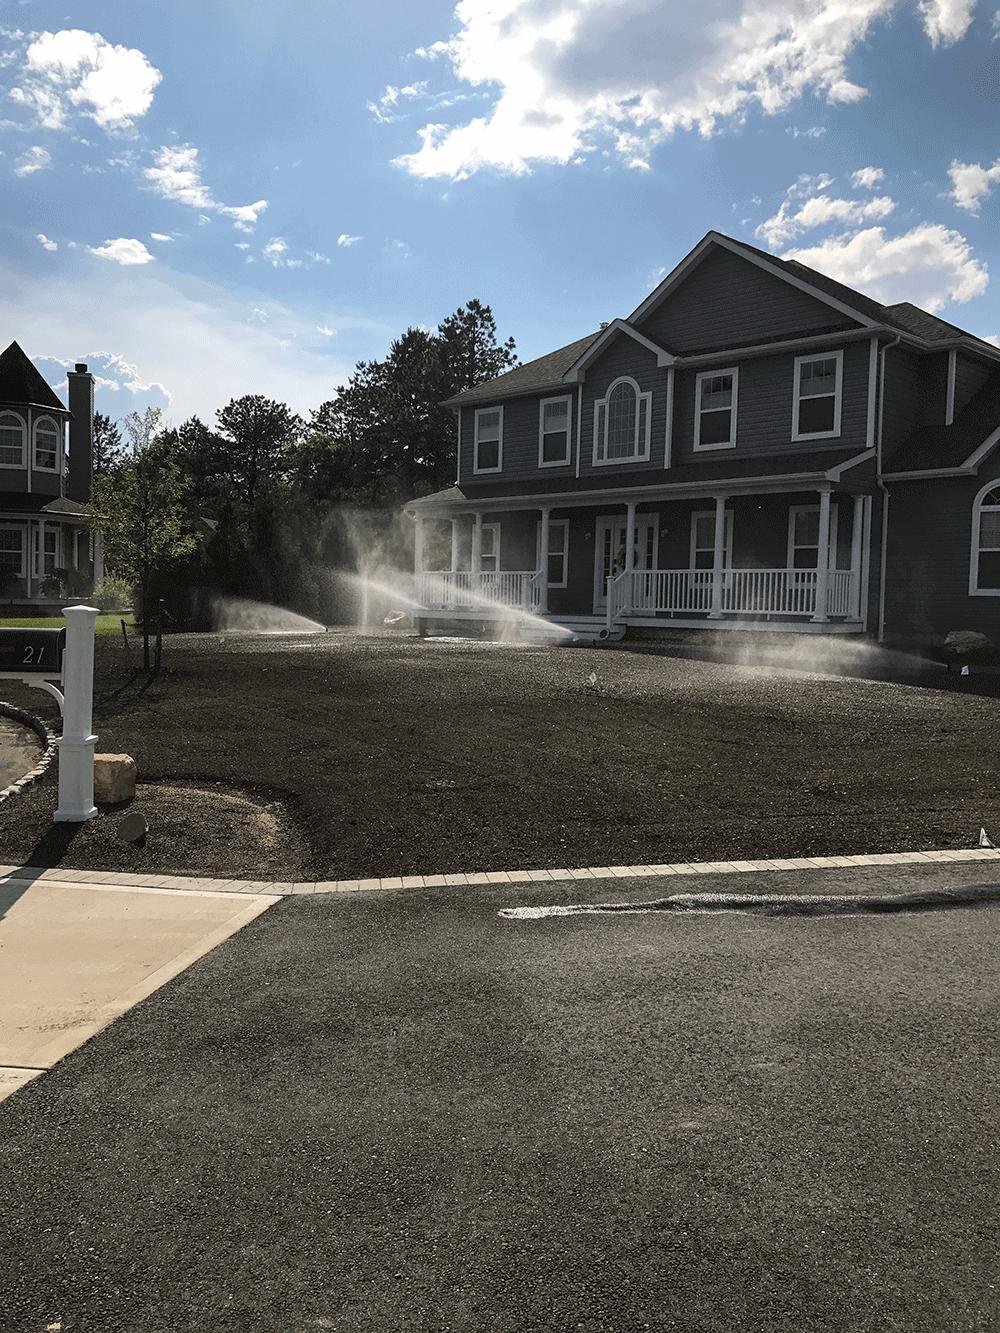 sprinklers on soil in lawn